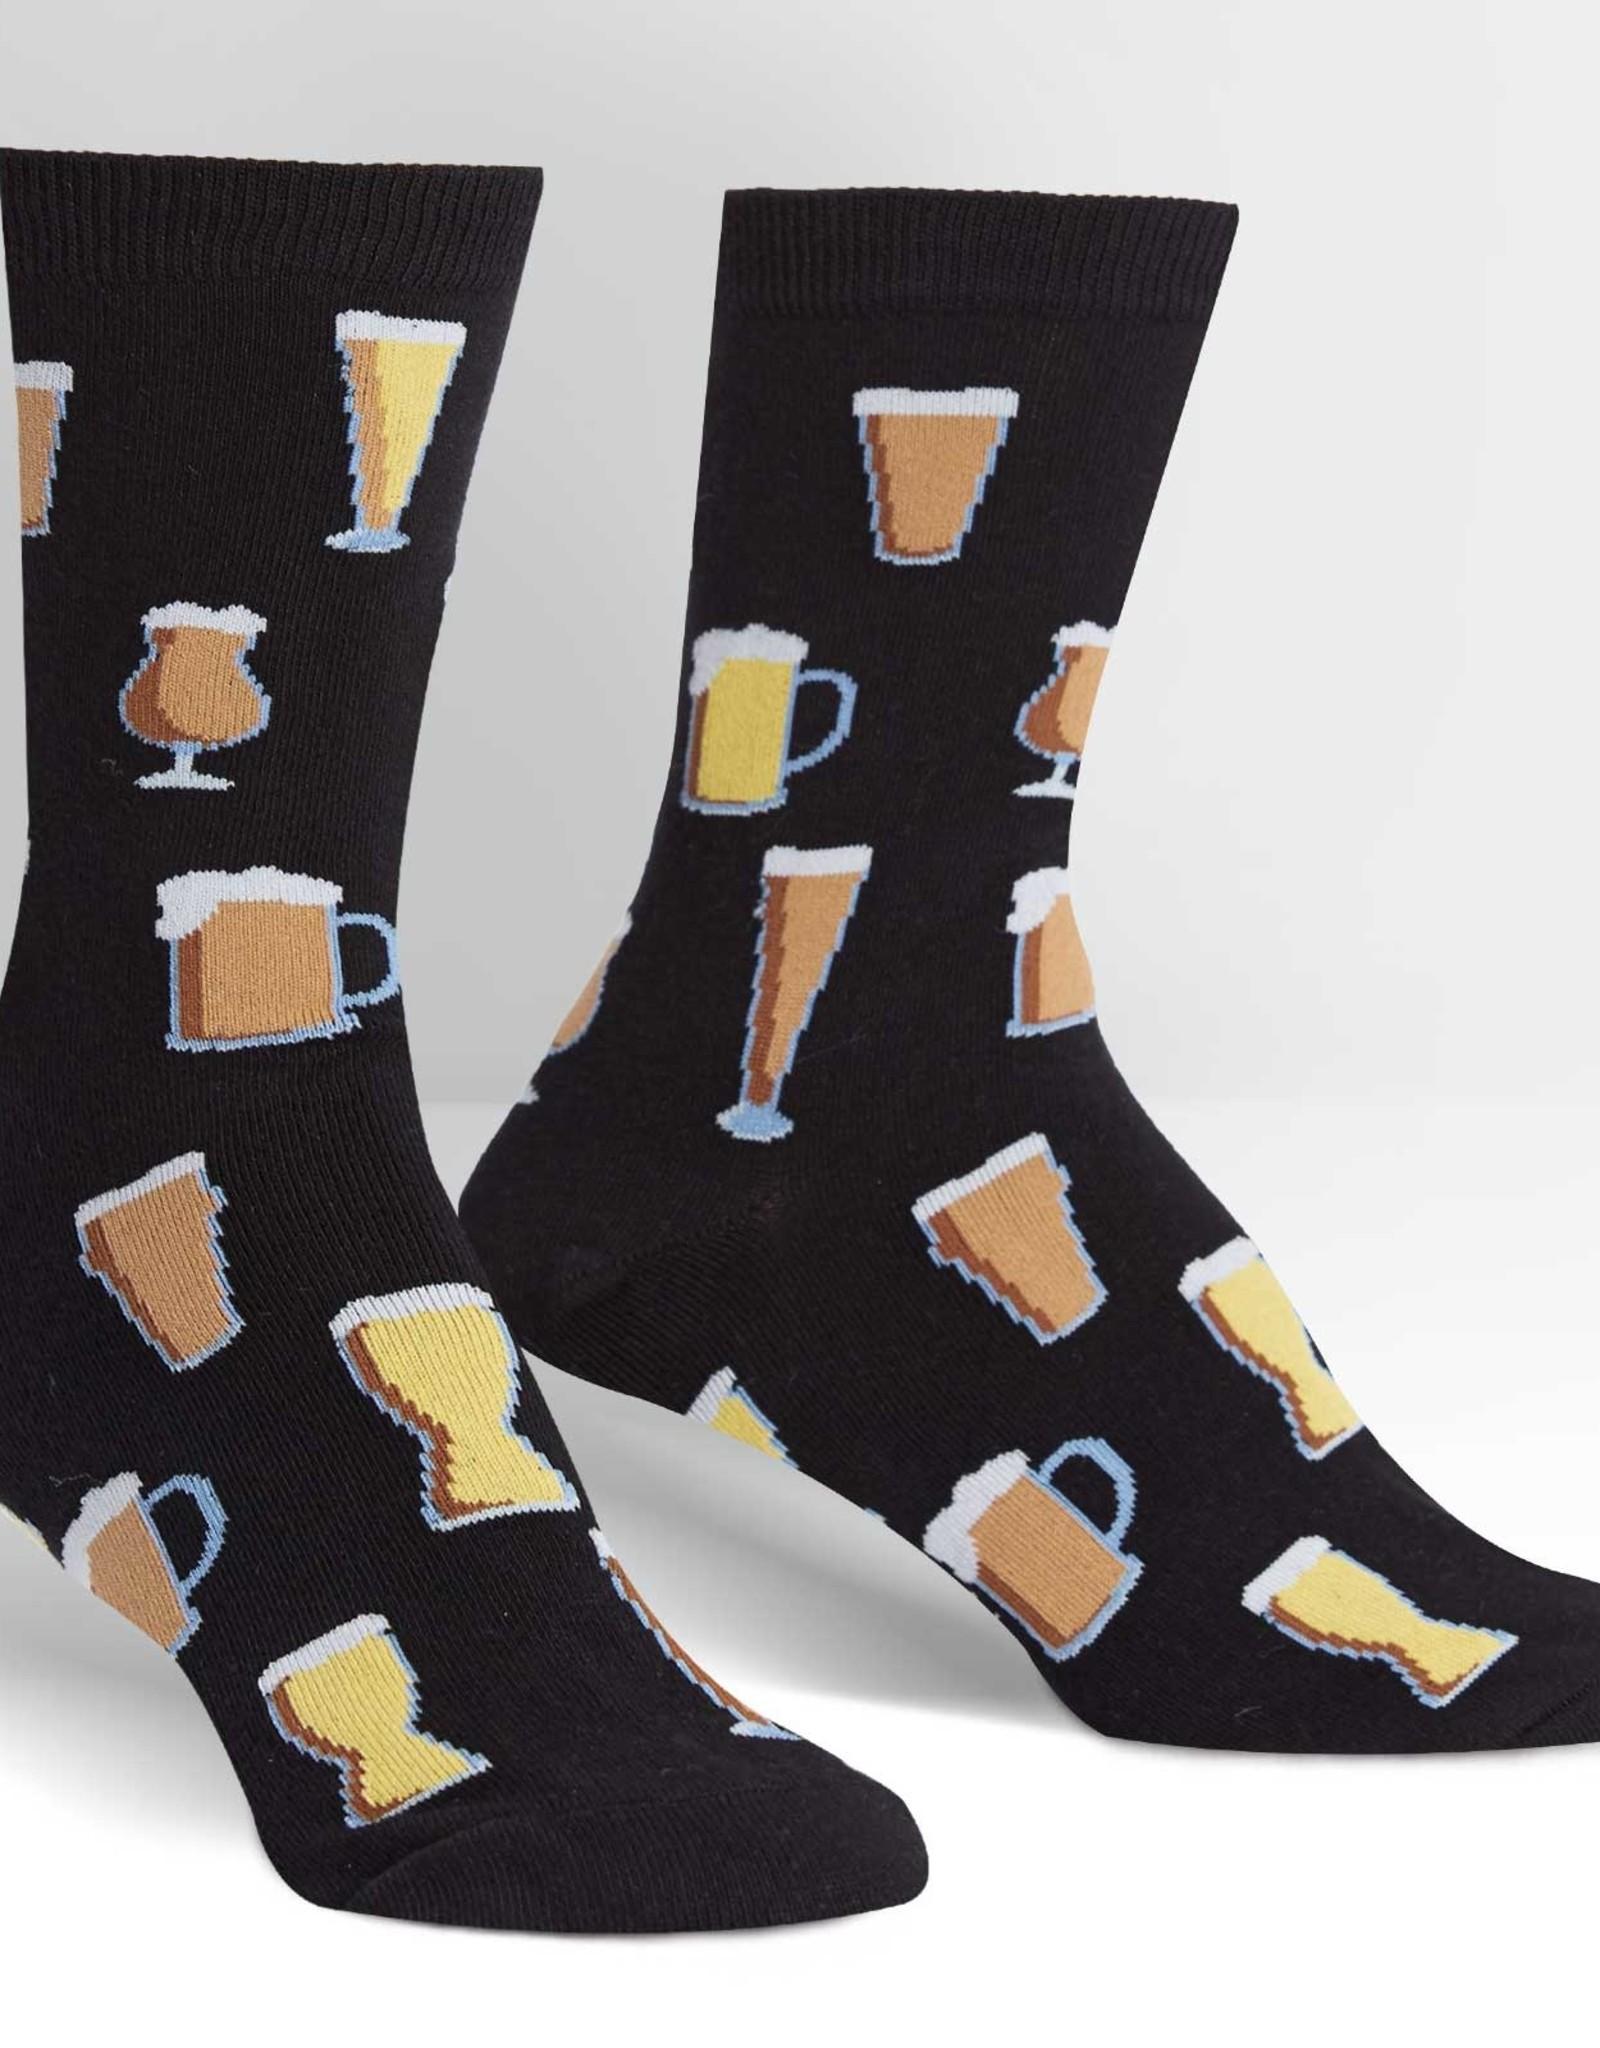 Sock It To Me MEN'S CREW: PROST!